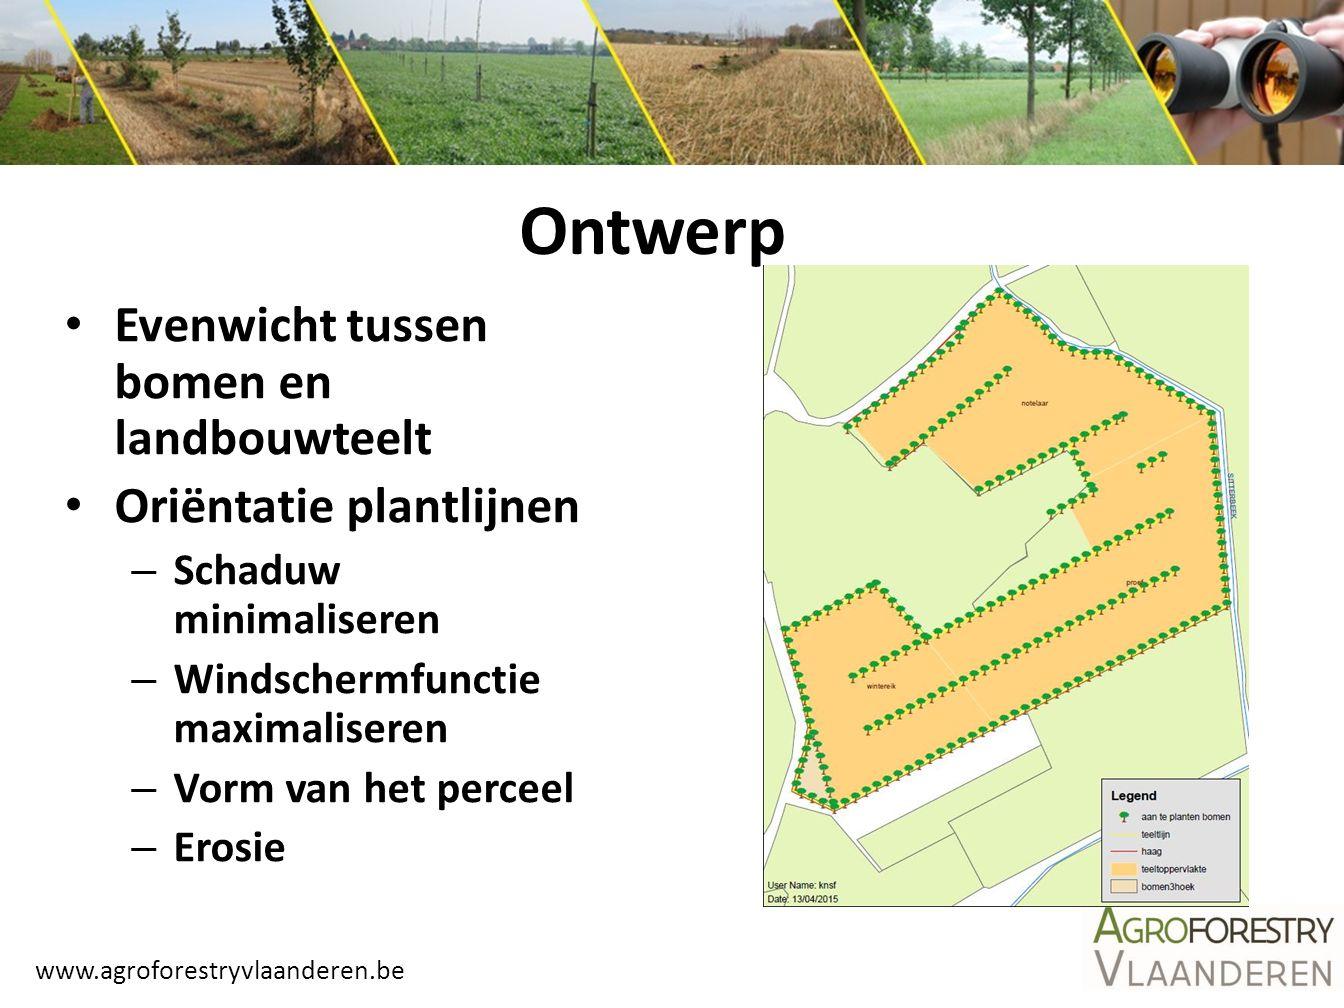 www.agroforestryvlaanderen.be Landbouwteelt: weinig verschil, aandacht voor de bomen Bomen – Schade vermijden.